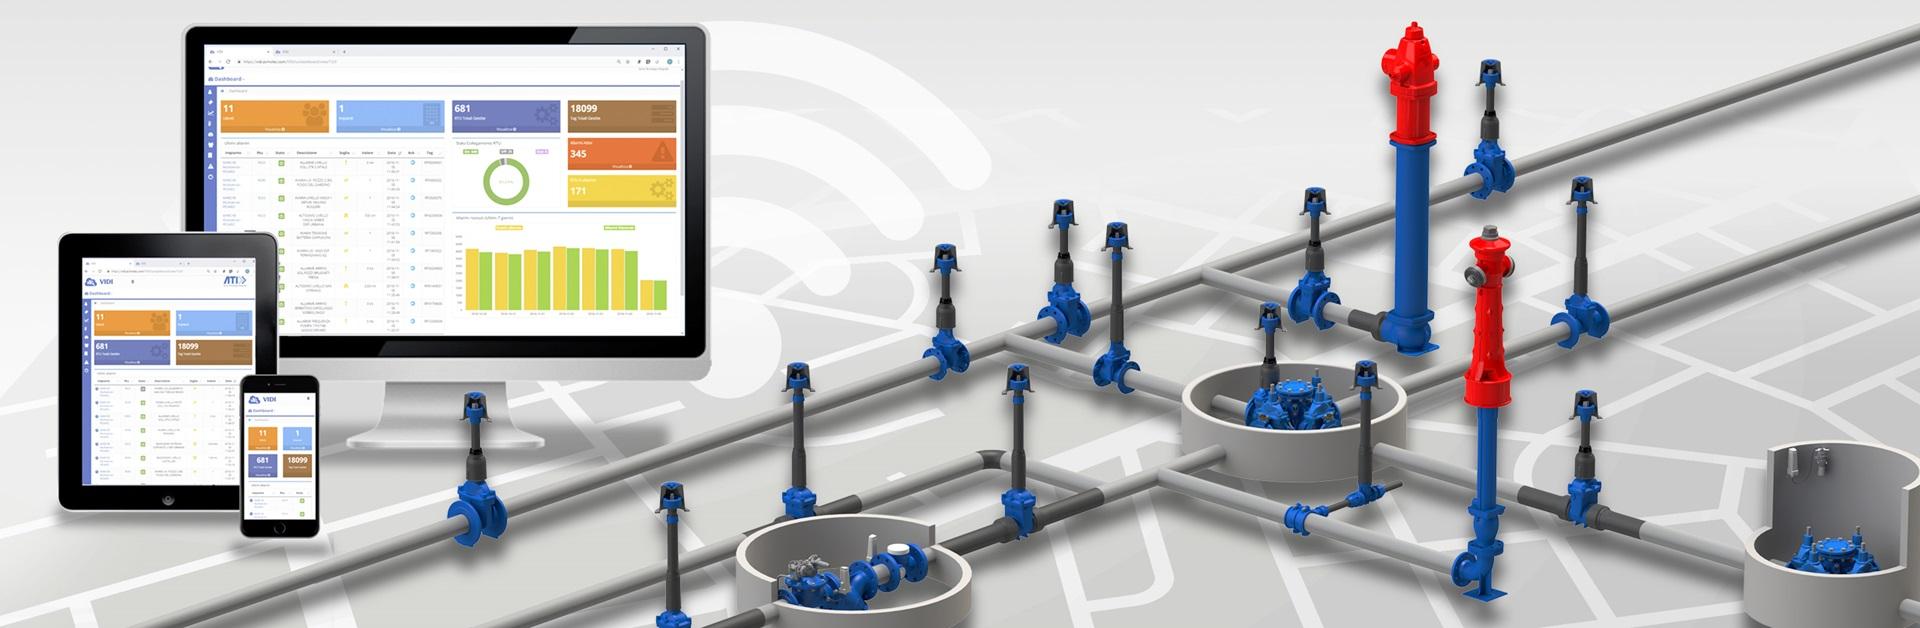 Digitalisering af forsyningsnettet med løsninger fra AVK Smart Water